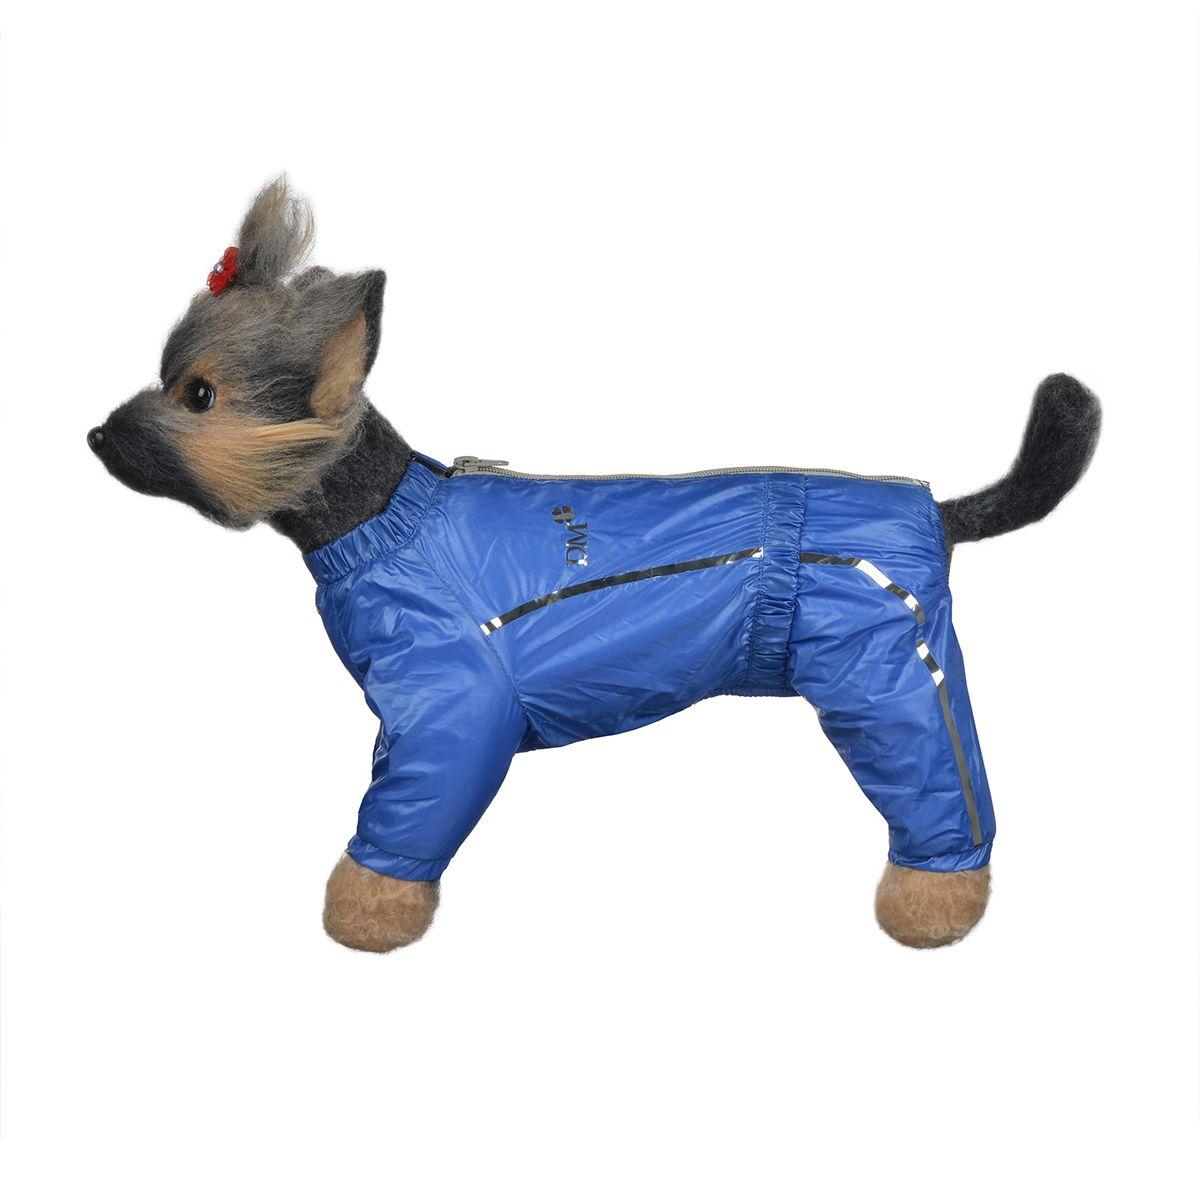 Комбинезон для собак Dogmoda Альпы, для мальчика, цвет: синий. Размер 3 (L)DM-150329-3Комбинезон для собак Dogmoda Альпы отлично подойдет для прогулок поздней осенью или ранней весной.Комбинезон изготовлен из полиэстера, защищающего от ветра и осадков, с подкладкой из флиса, которая сохранит тепло и обеспечит отличный воздухообмен. Комбинезон застегивается на молнию и липучку, благодаря чему его легко надевать и снимать. Ворот, низ рукавов и брючин оснащены внутренними резинками, которые мягко обхватывают шею и лапки, не позволяя просачиваться холодному воздуху. На пояснице имеется внутренняя резинка. Изделие декорировано серебристыми полосками и надписью DM.Благодаря такому комбинезону простуда не грозит вашему питомцу и он не даст любимцу продрогнуть на прогулке.